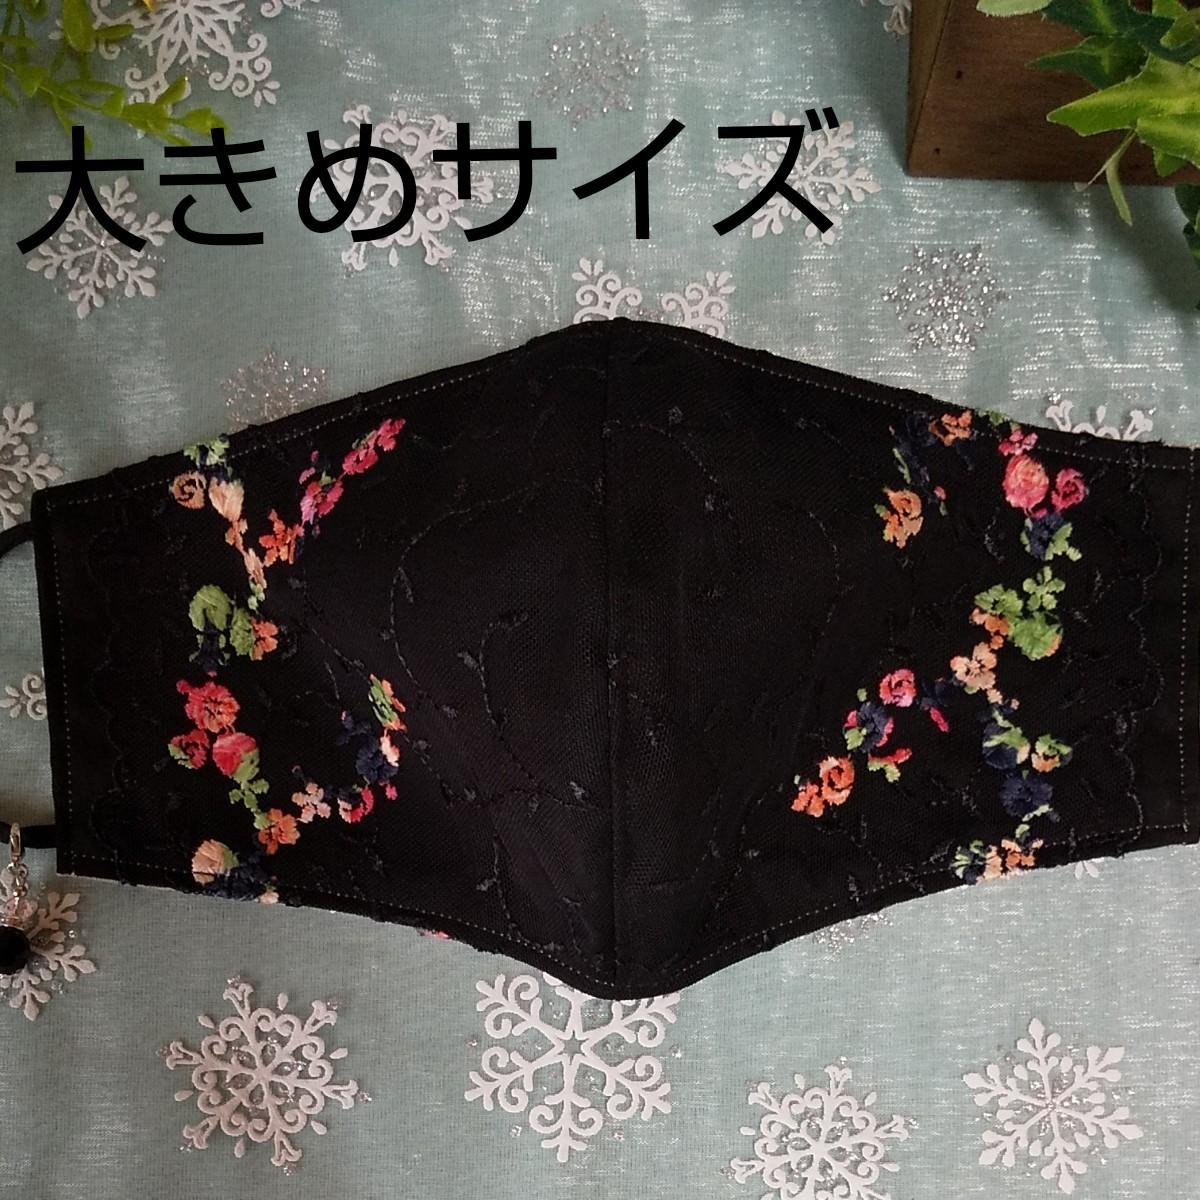 立体インナーハンドメイド、綿ガーゼ、チュール刺繍レース(ブラック×カラーフラワー)大きめサイズ、アジャスター付、チャーム付